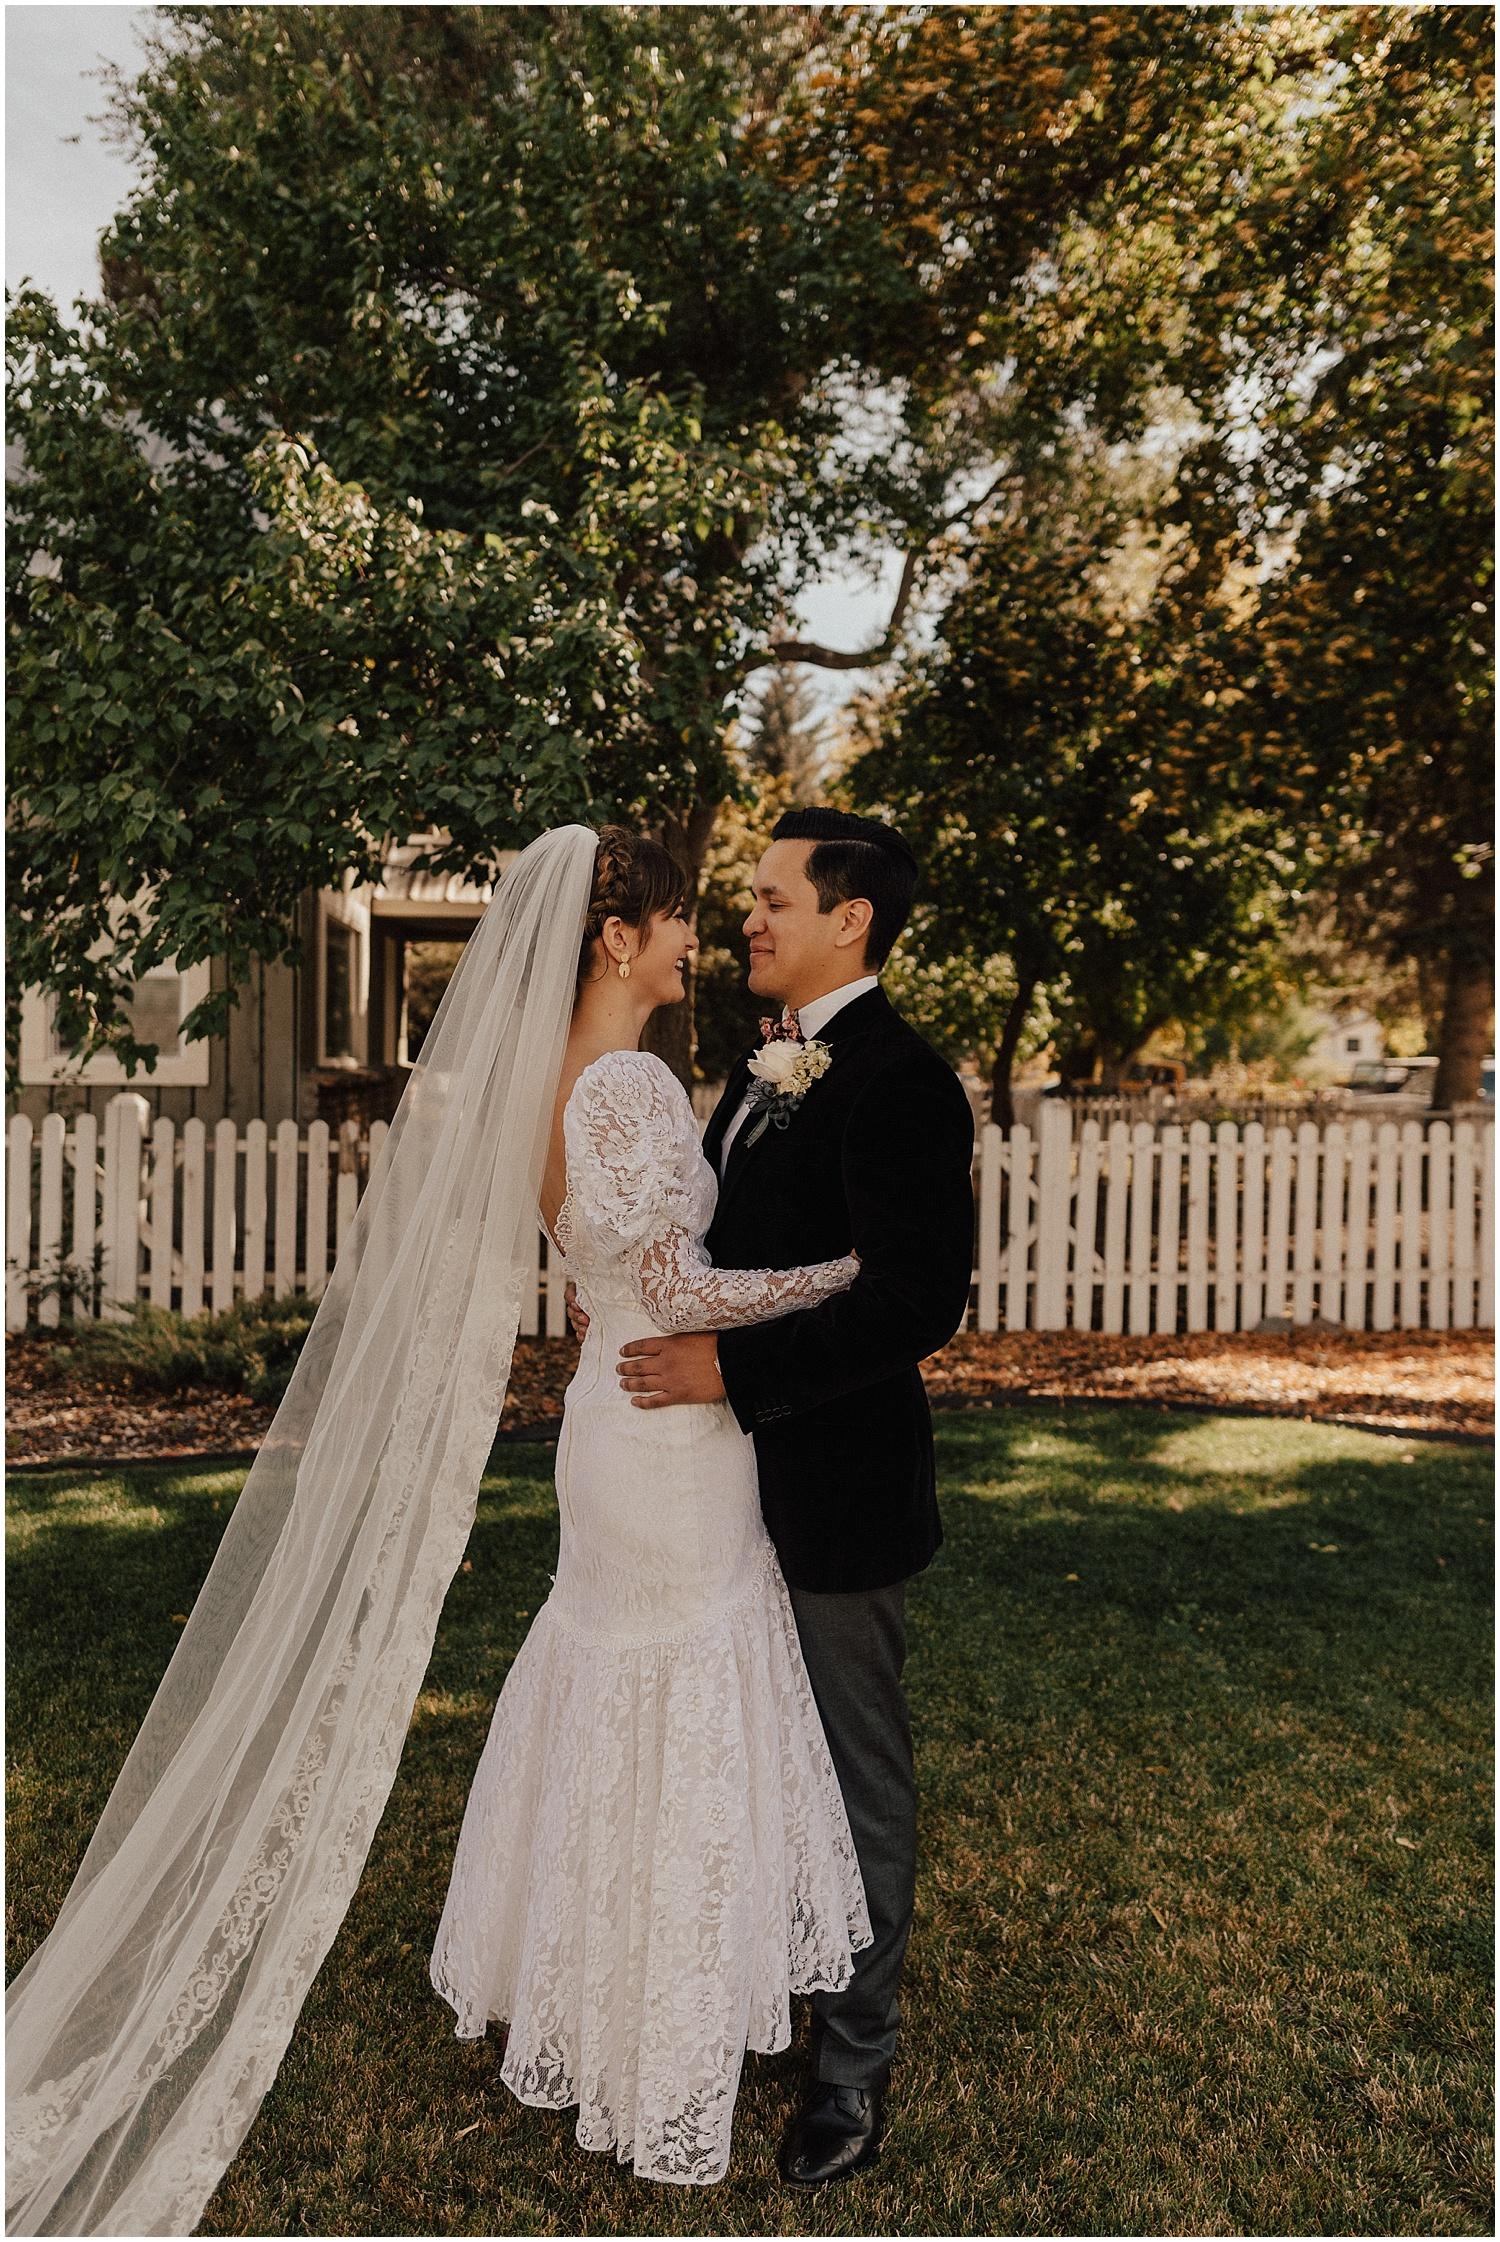 church-wedding-industrial-reception-sunvalley-idaho42.jpg